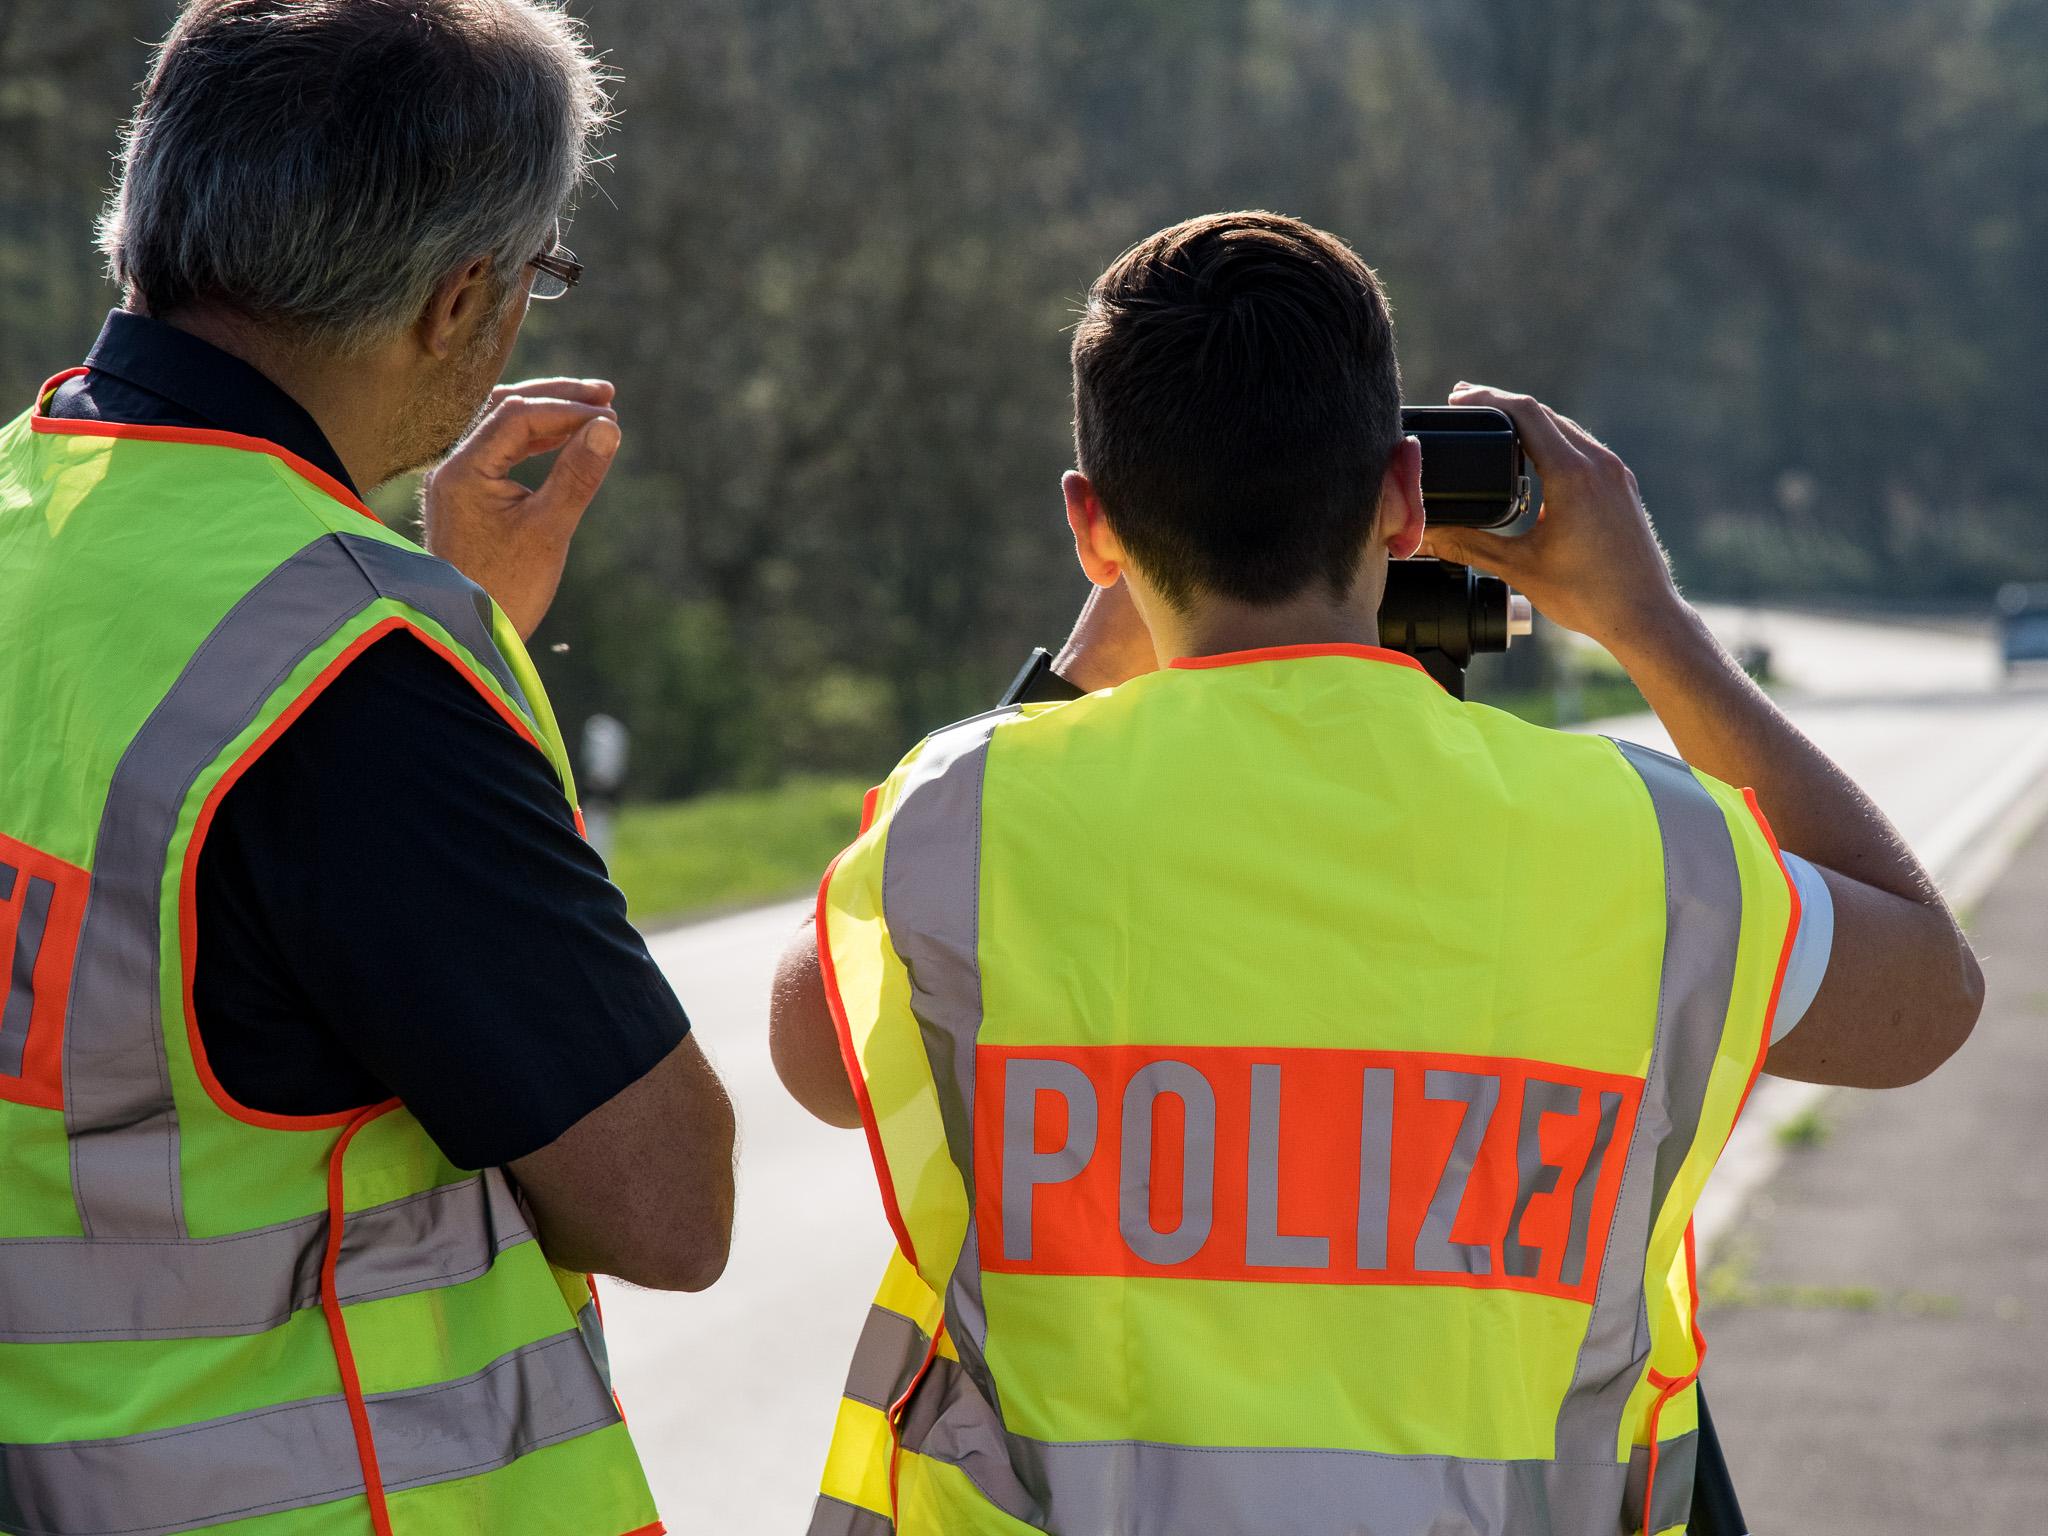 Geschwindigkeitskontrolle der Polizei. Foto: Pascal Höfig